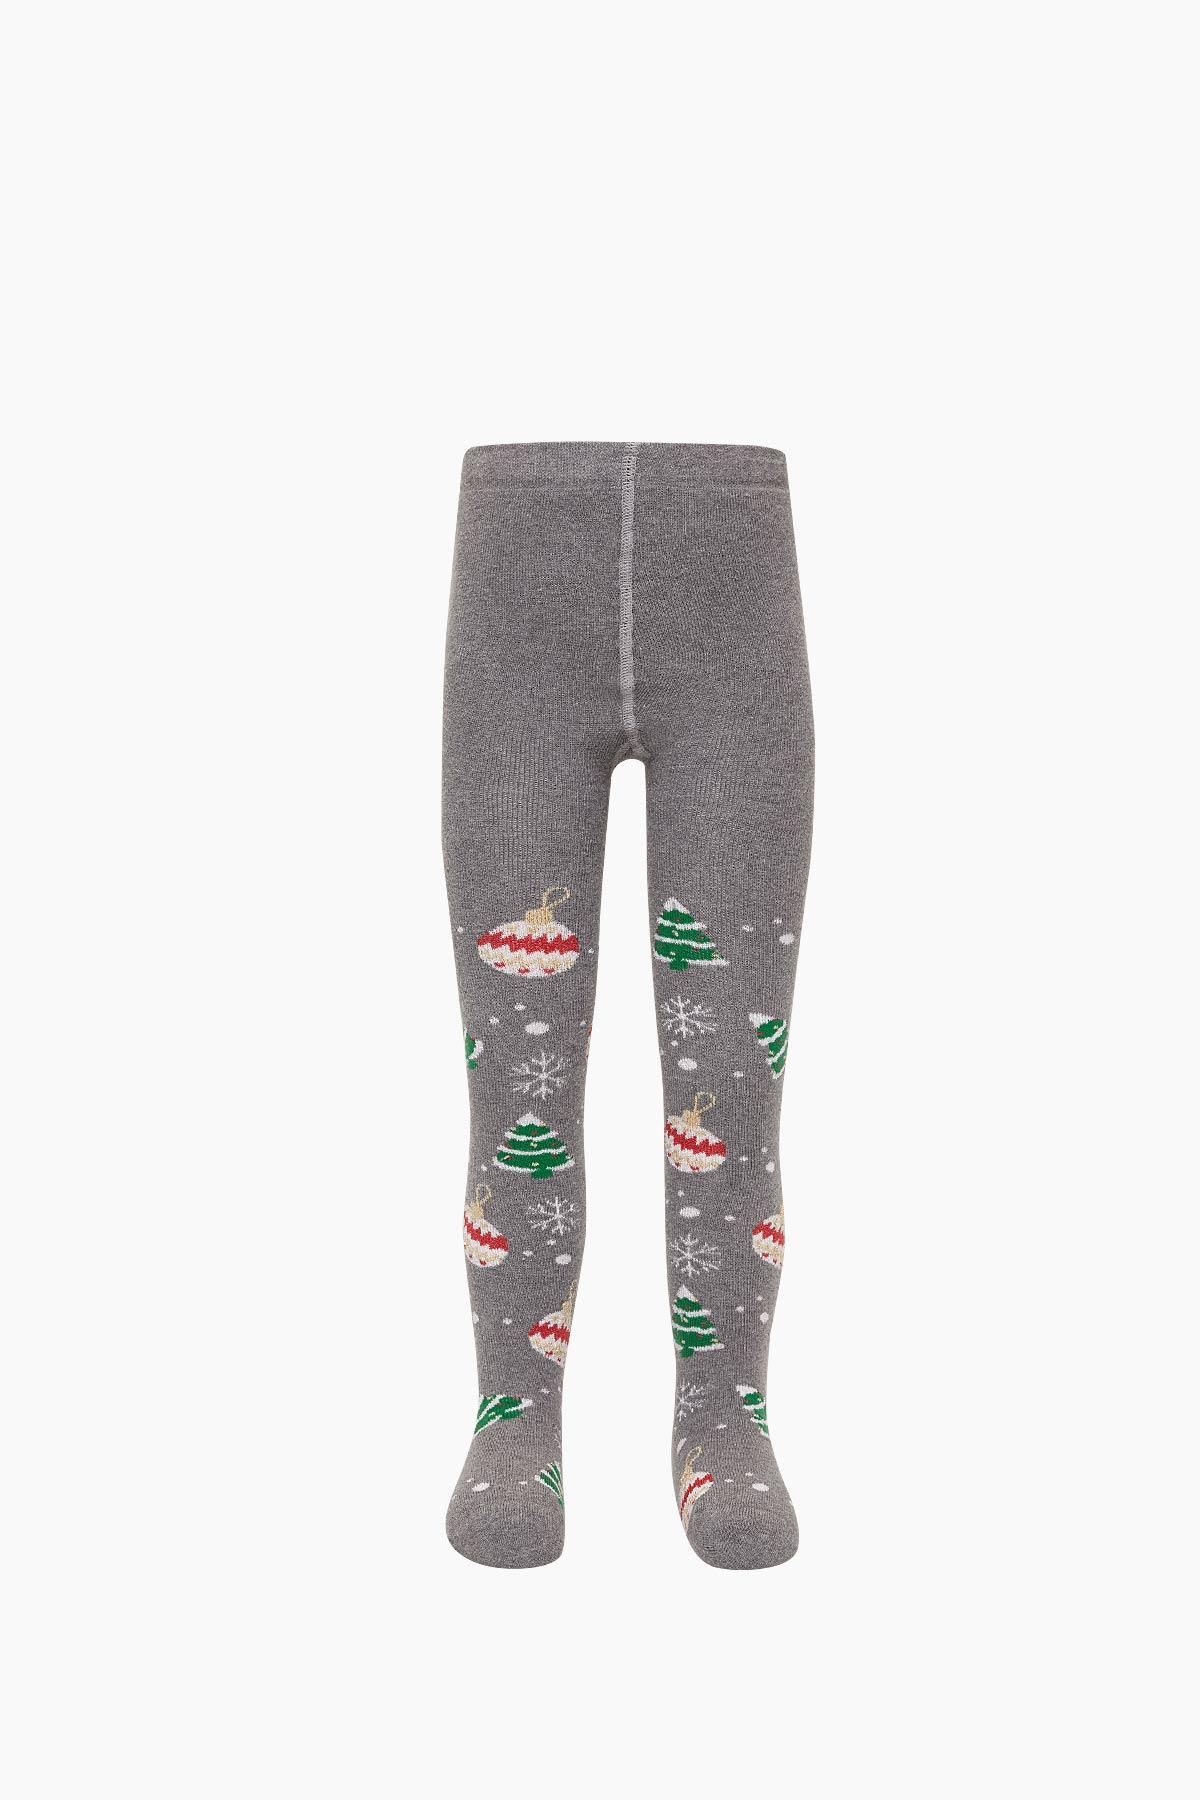 Bross Çam Süsü Desenli Havlu Külotlu Çocuk Çorabı - Thumbnail